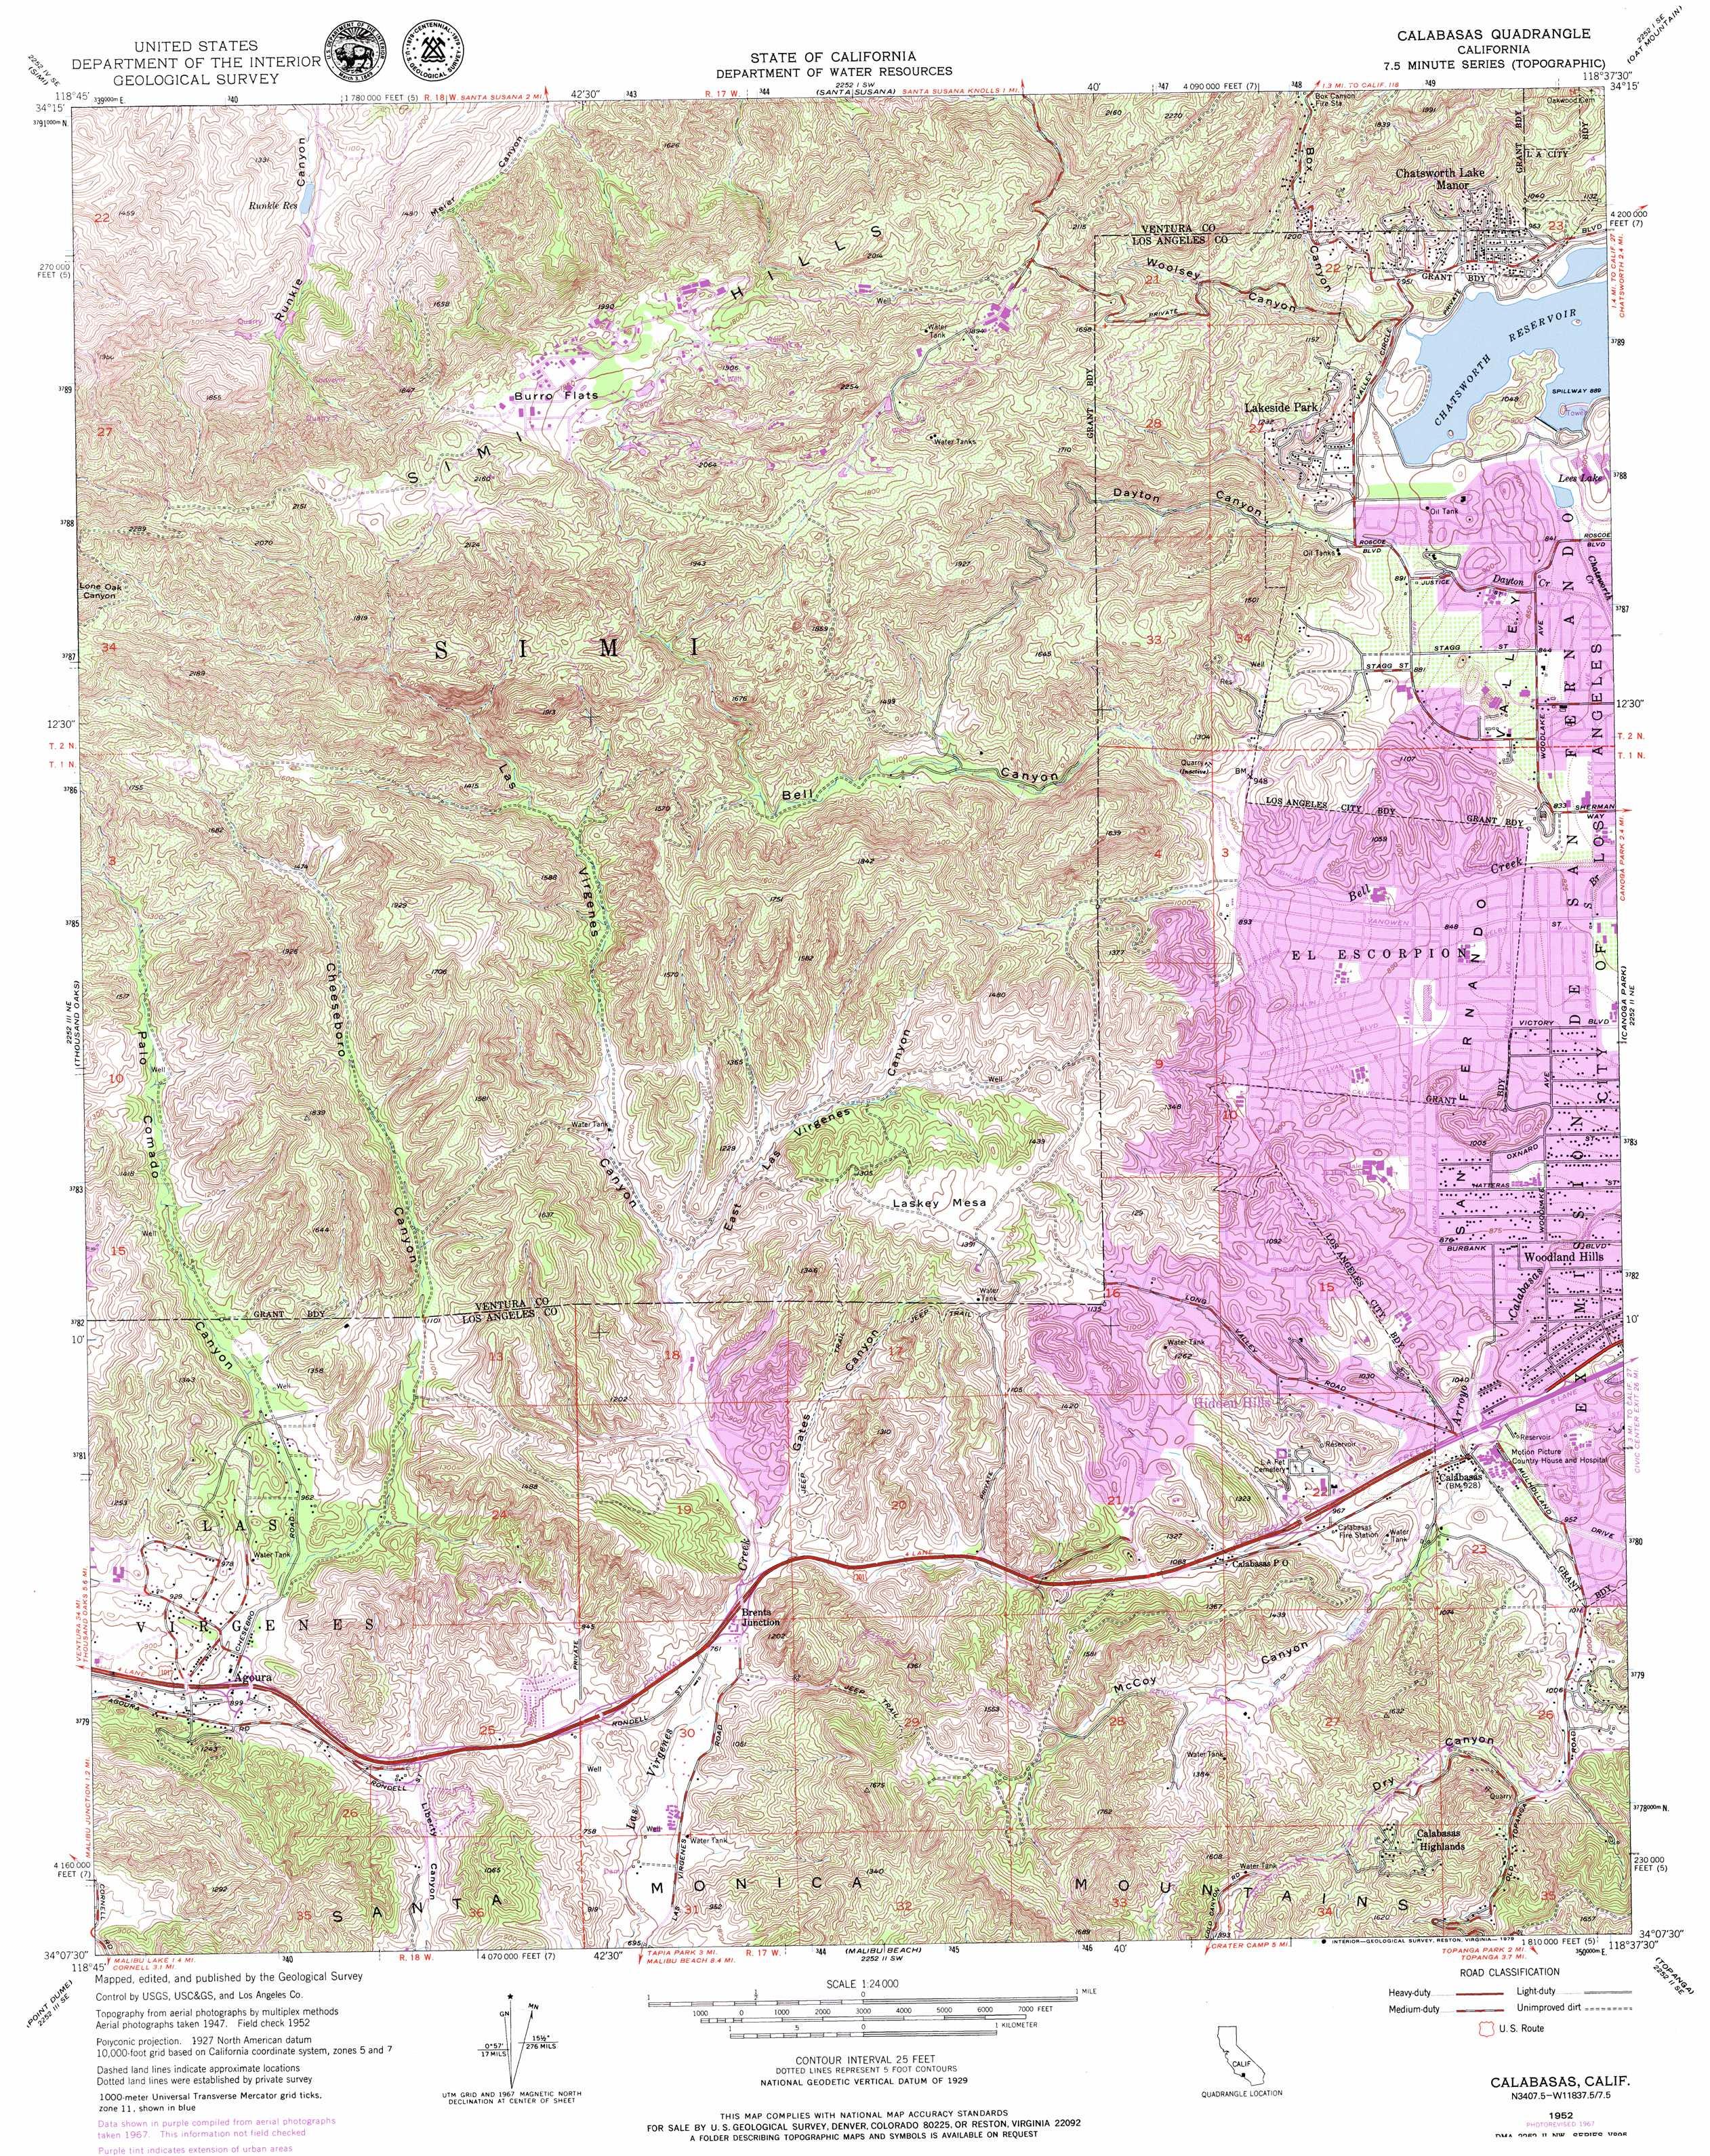 Calabasas topographic map, CA - USGS Topo Quad 34118b6 on